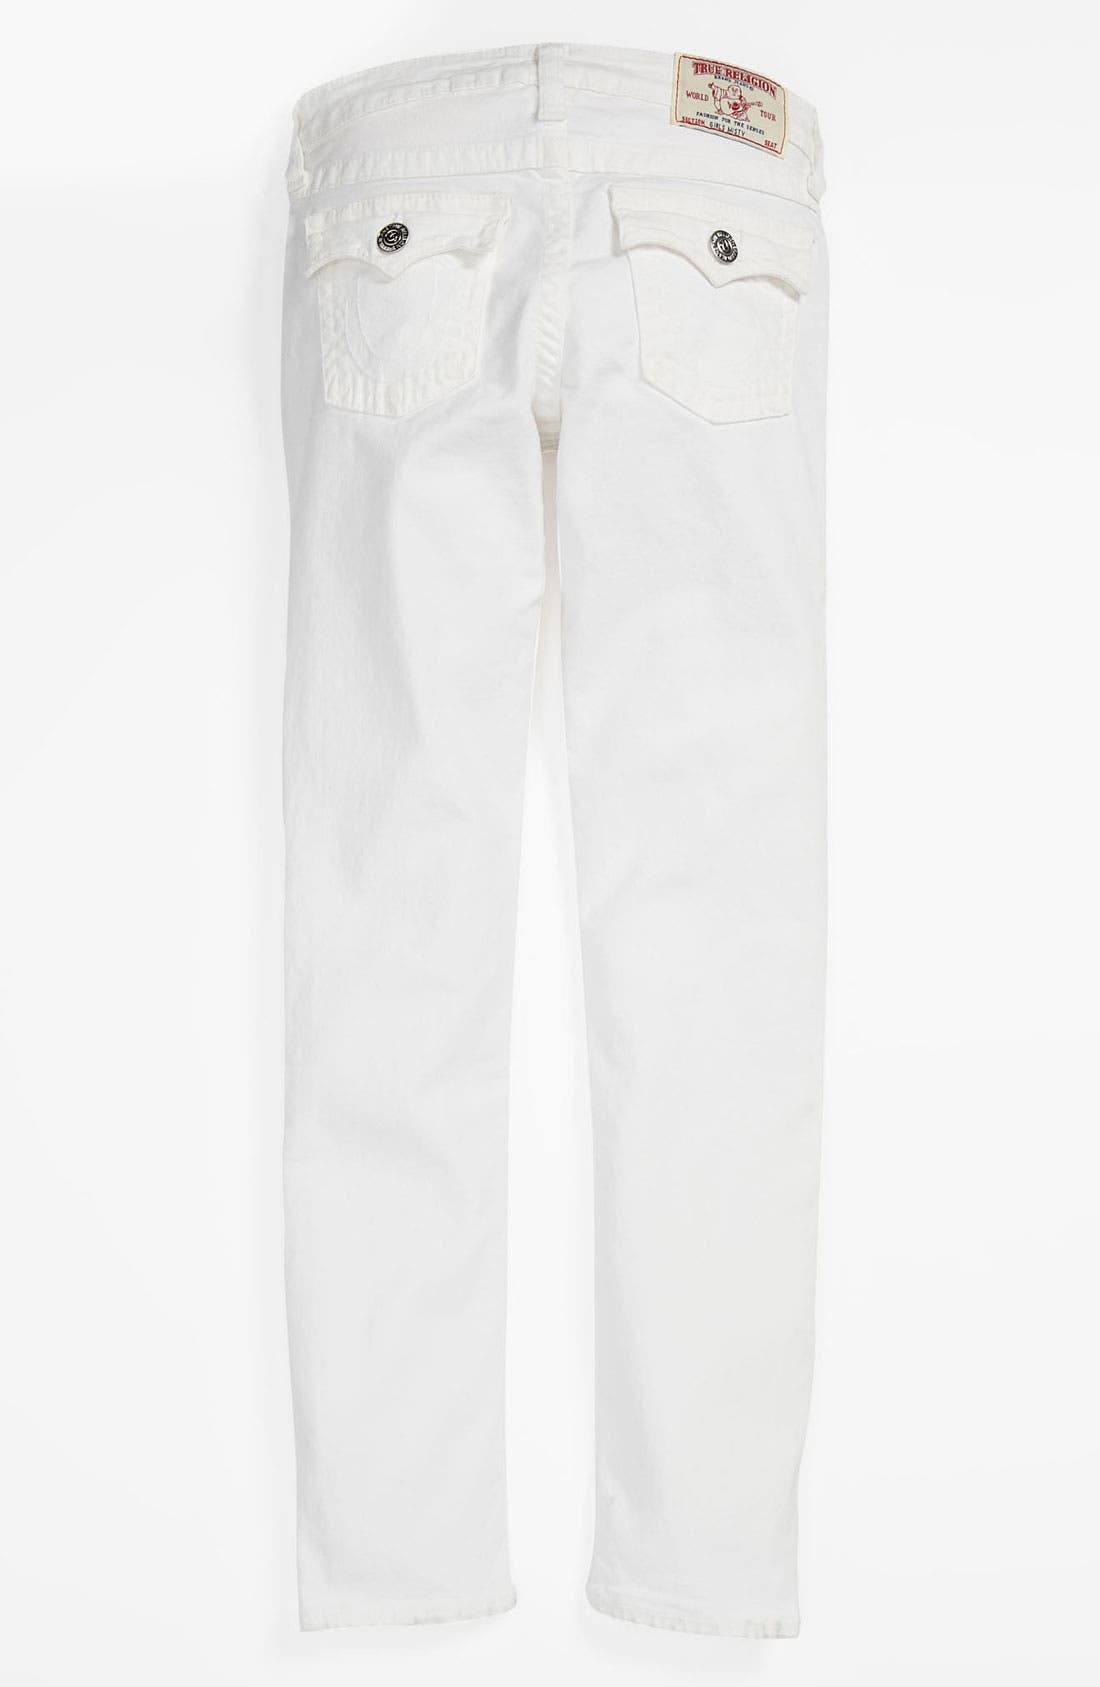 Alternate Image 1 Selected - True Religion Brand Jeans 'Misty' Skinny Leg Jeans (Little Girls & Big Girls)